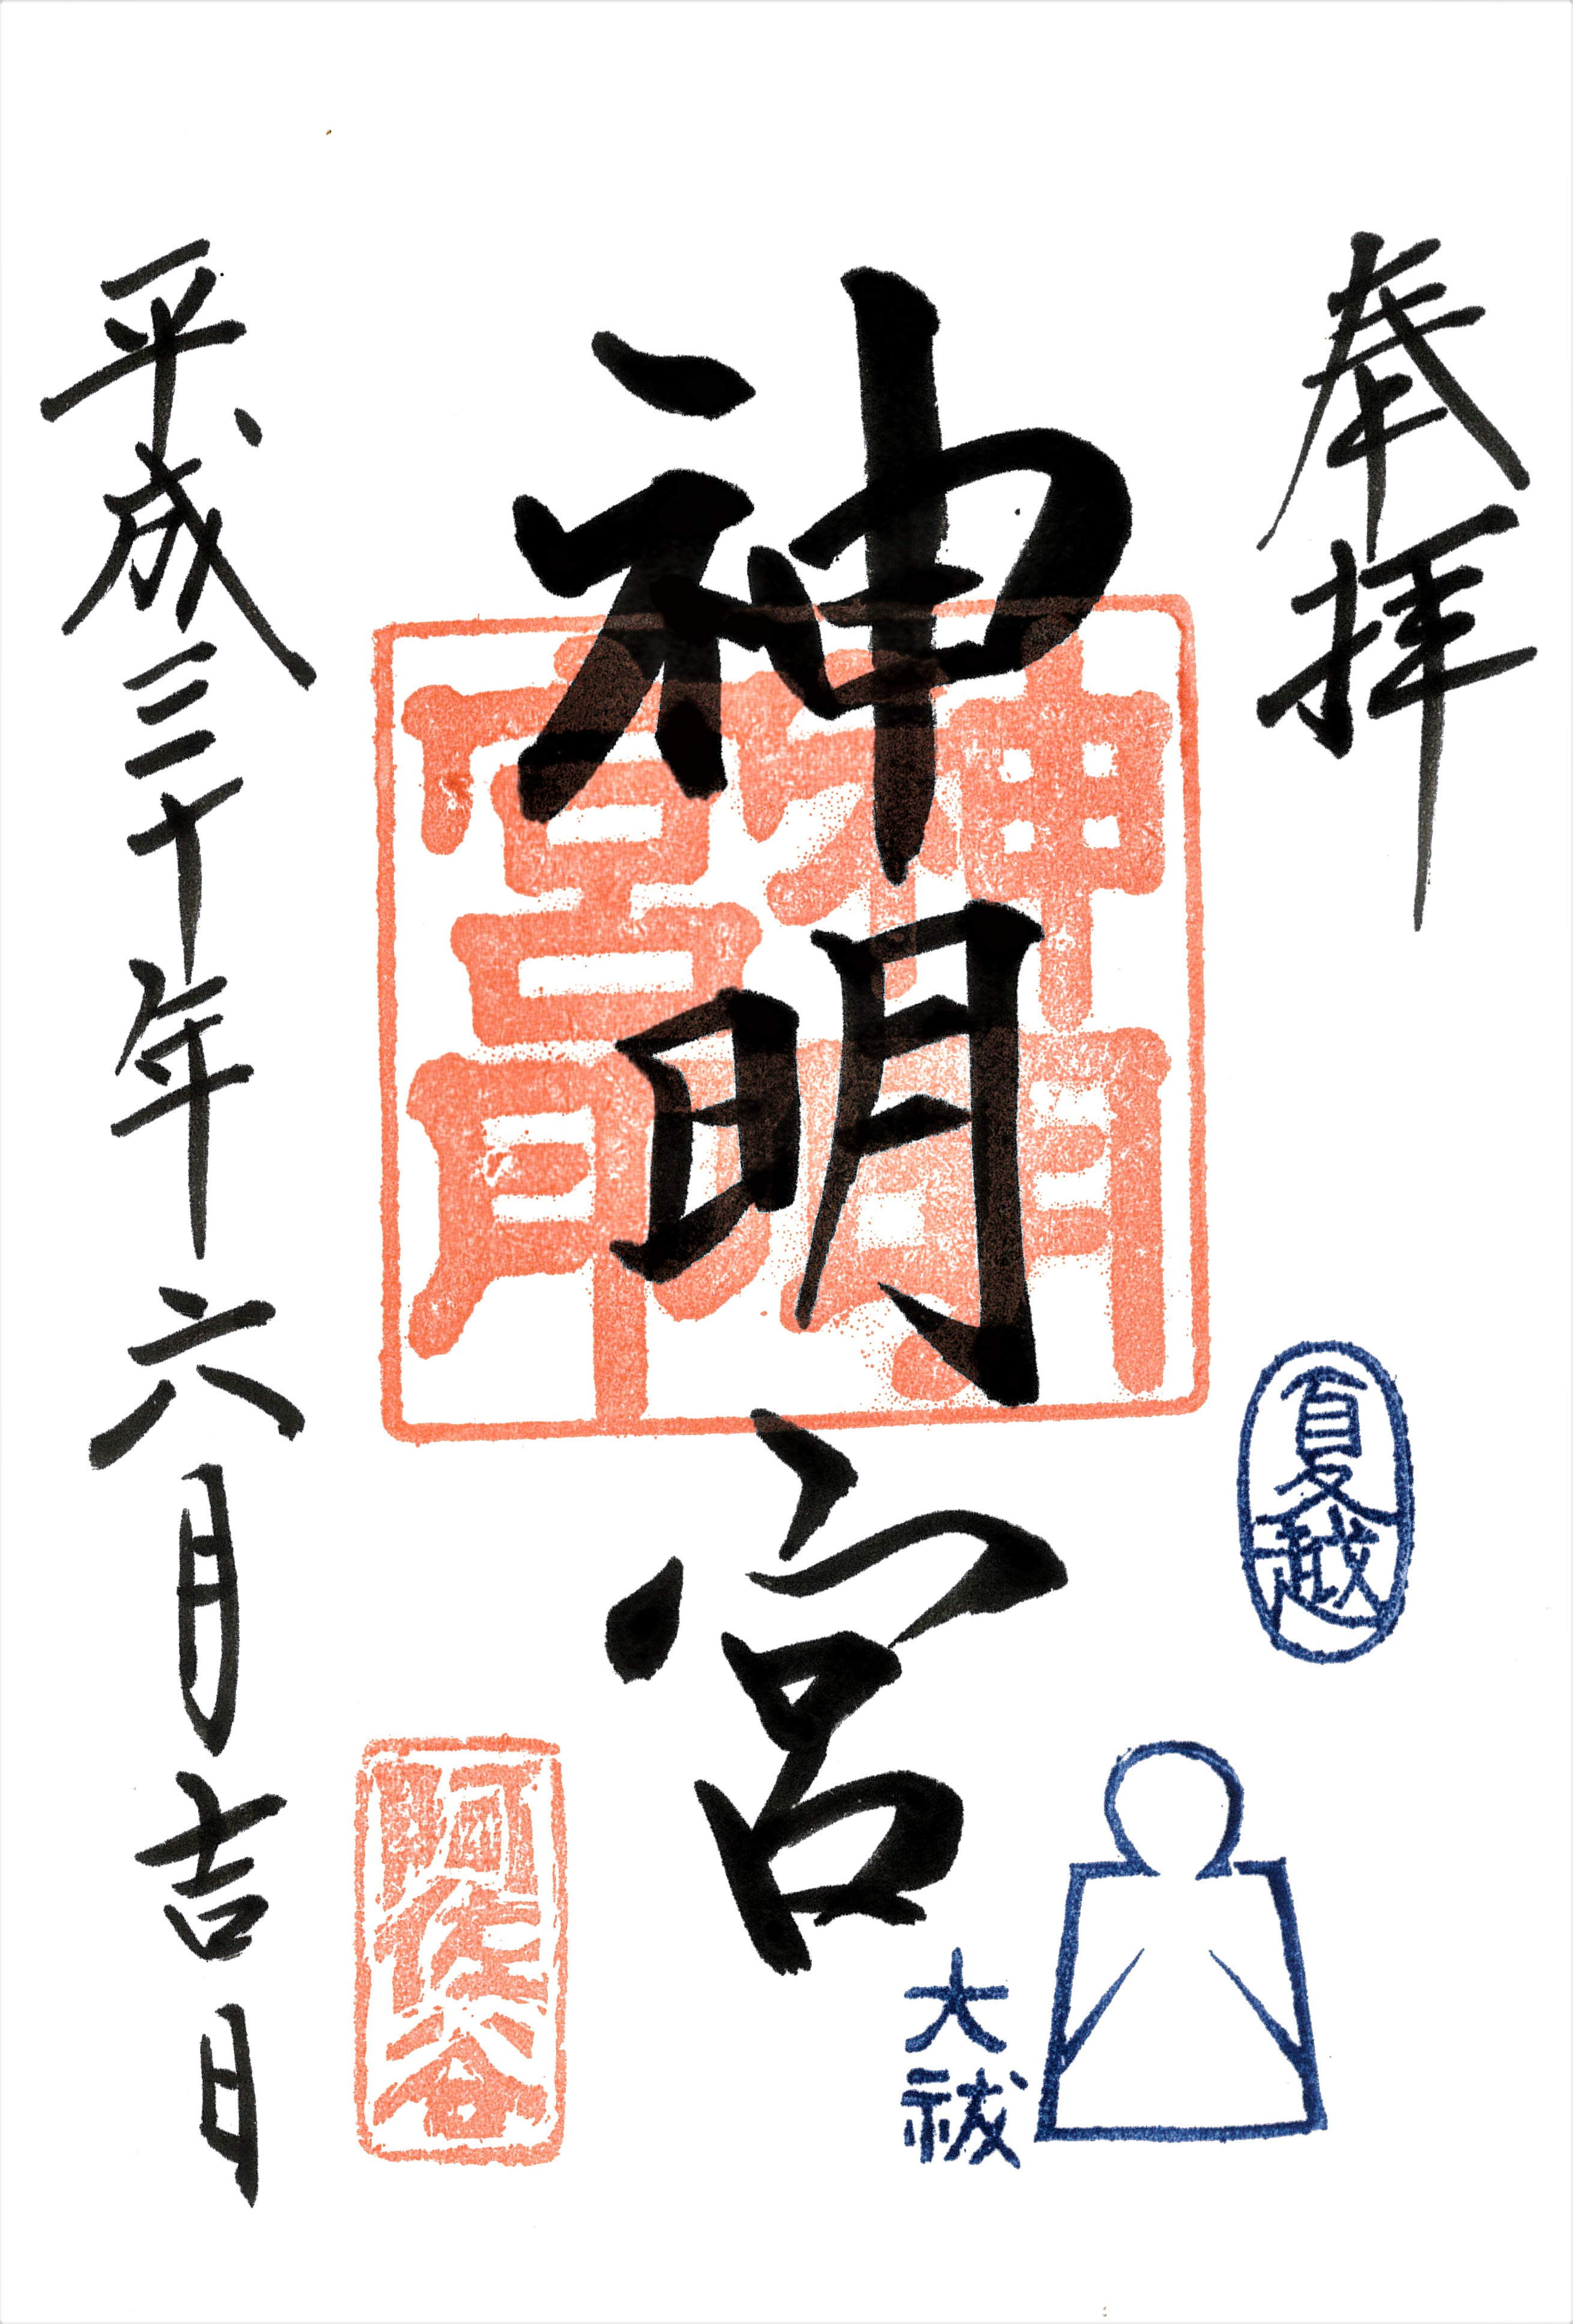 グリーンマーケットと大祓限定御朱印(^^♪